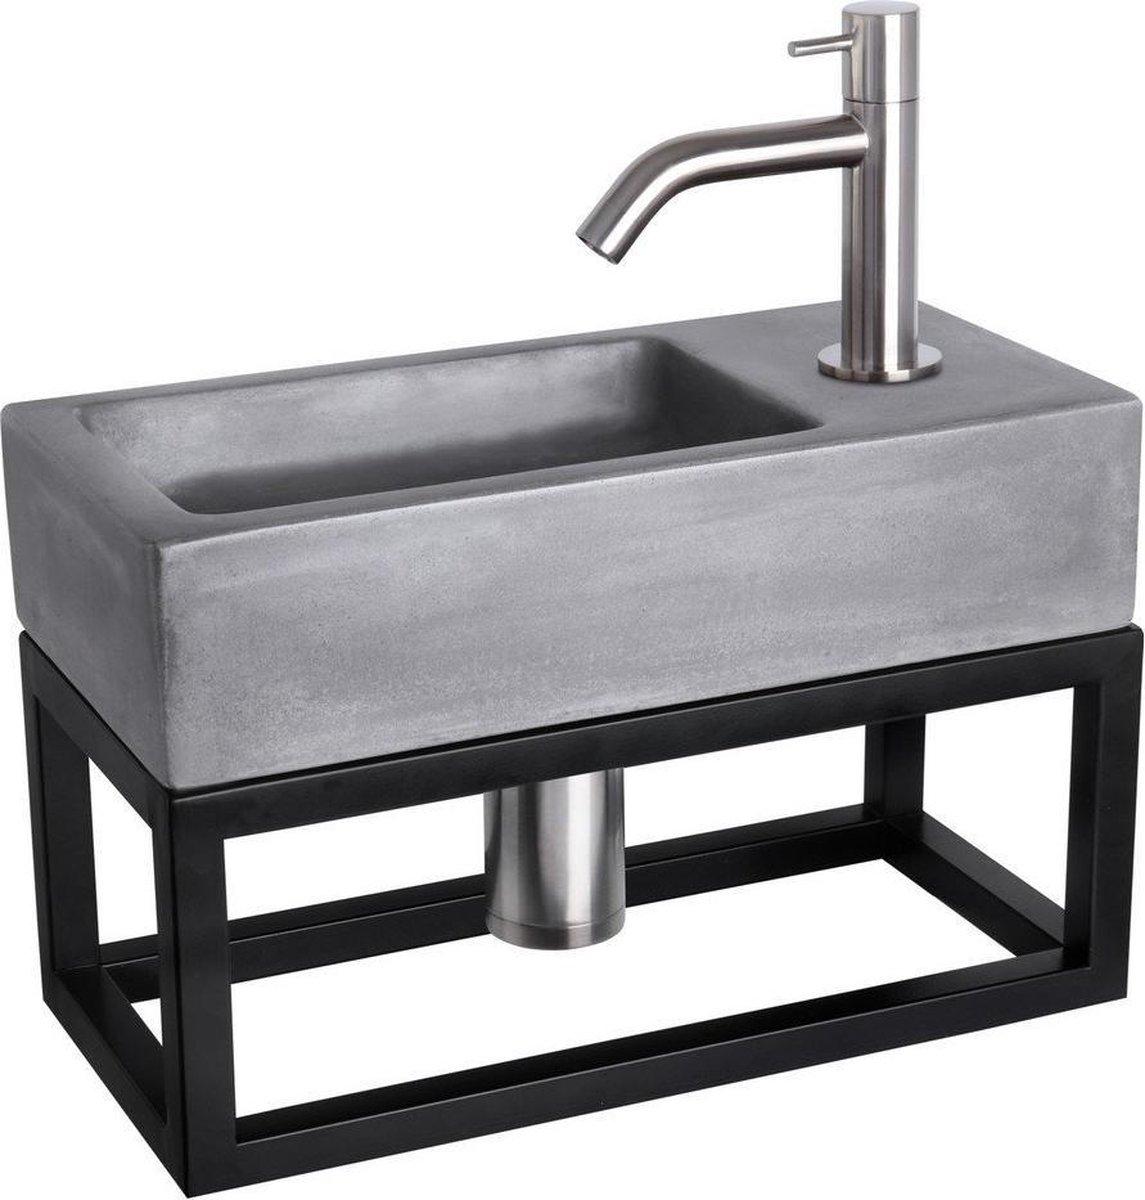 Differnz Ravo Fonteinset - Beton donkergrijs - Kraan gebogen mat chroom - Met handdoekrek - 38.5 x 18.5 x 9 cm